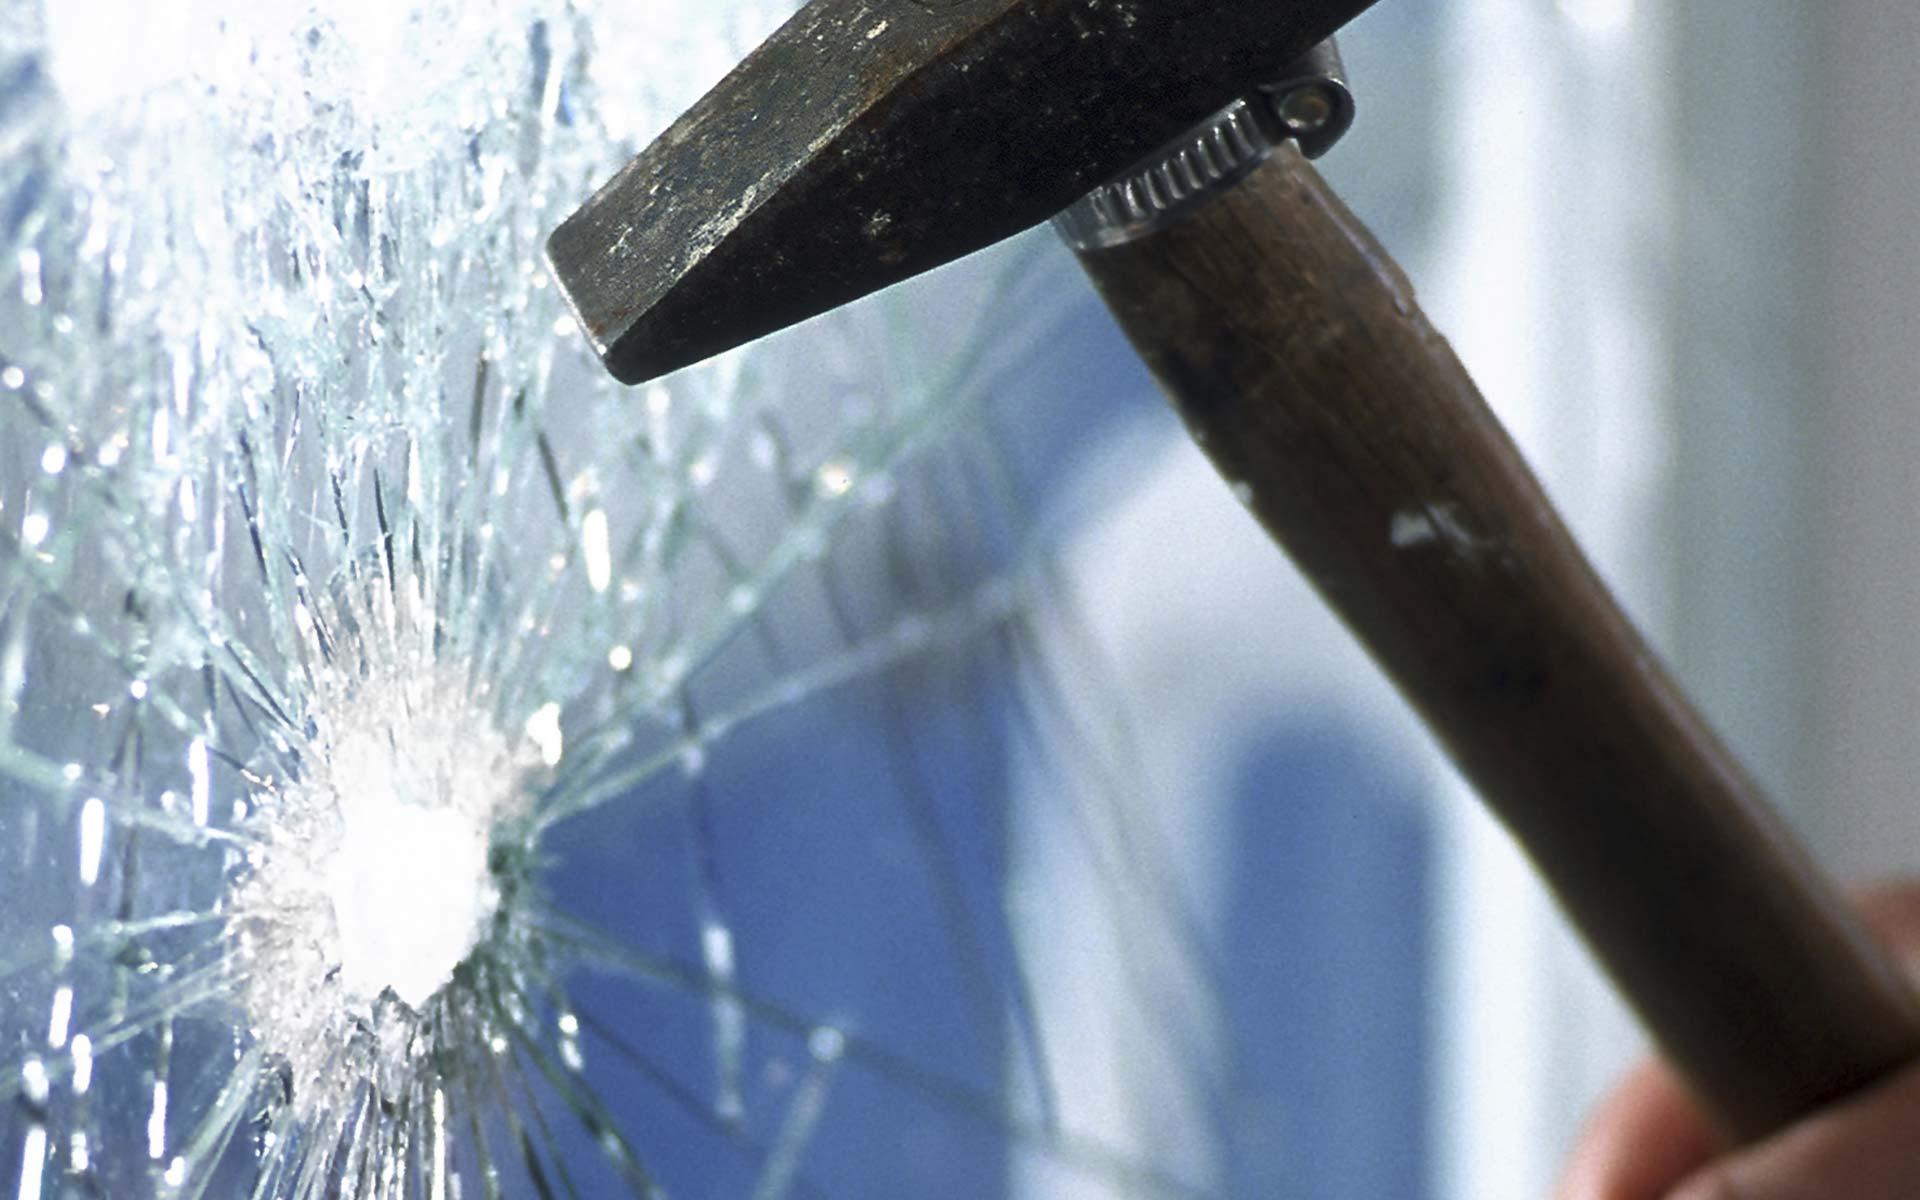 Vetro antisfondamento e antieffrazione a prova di ladro e di furto